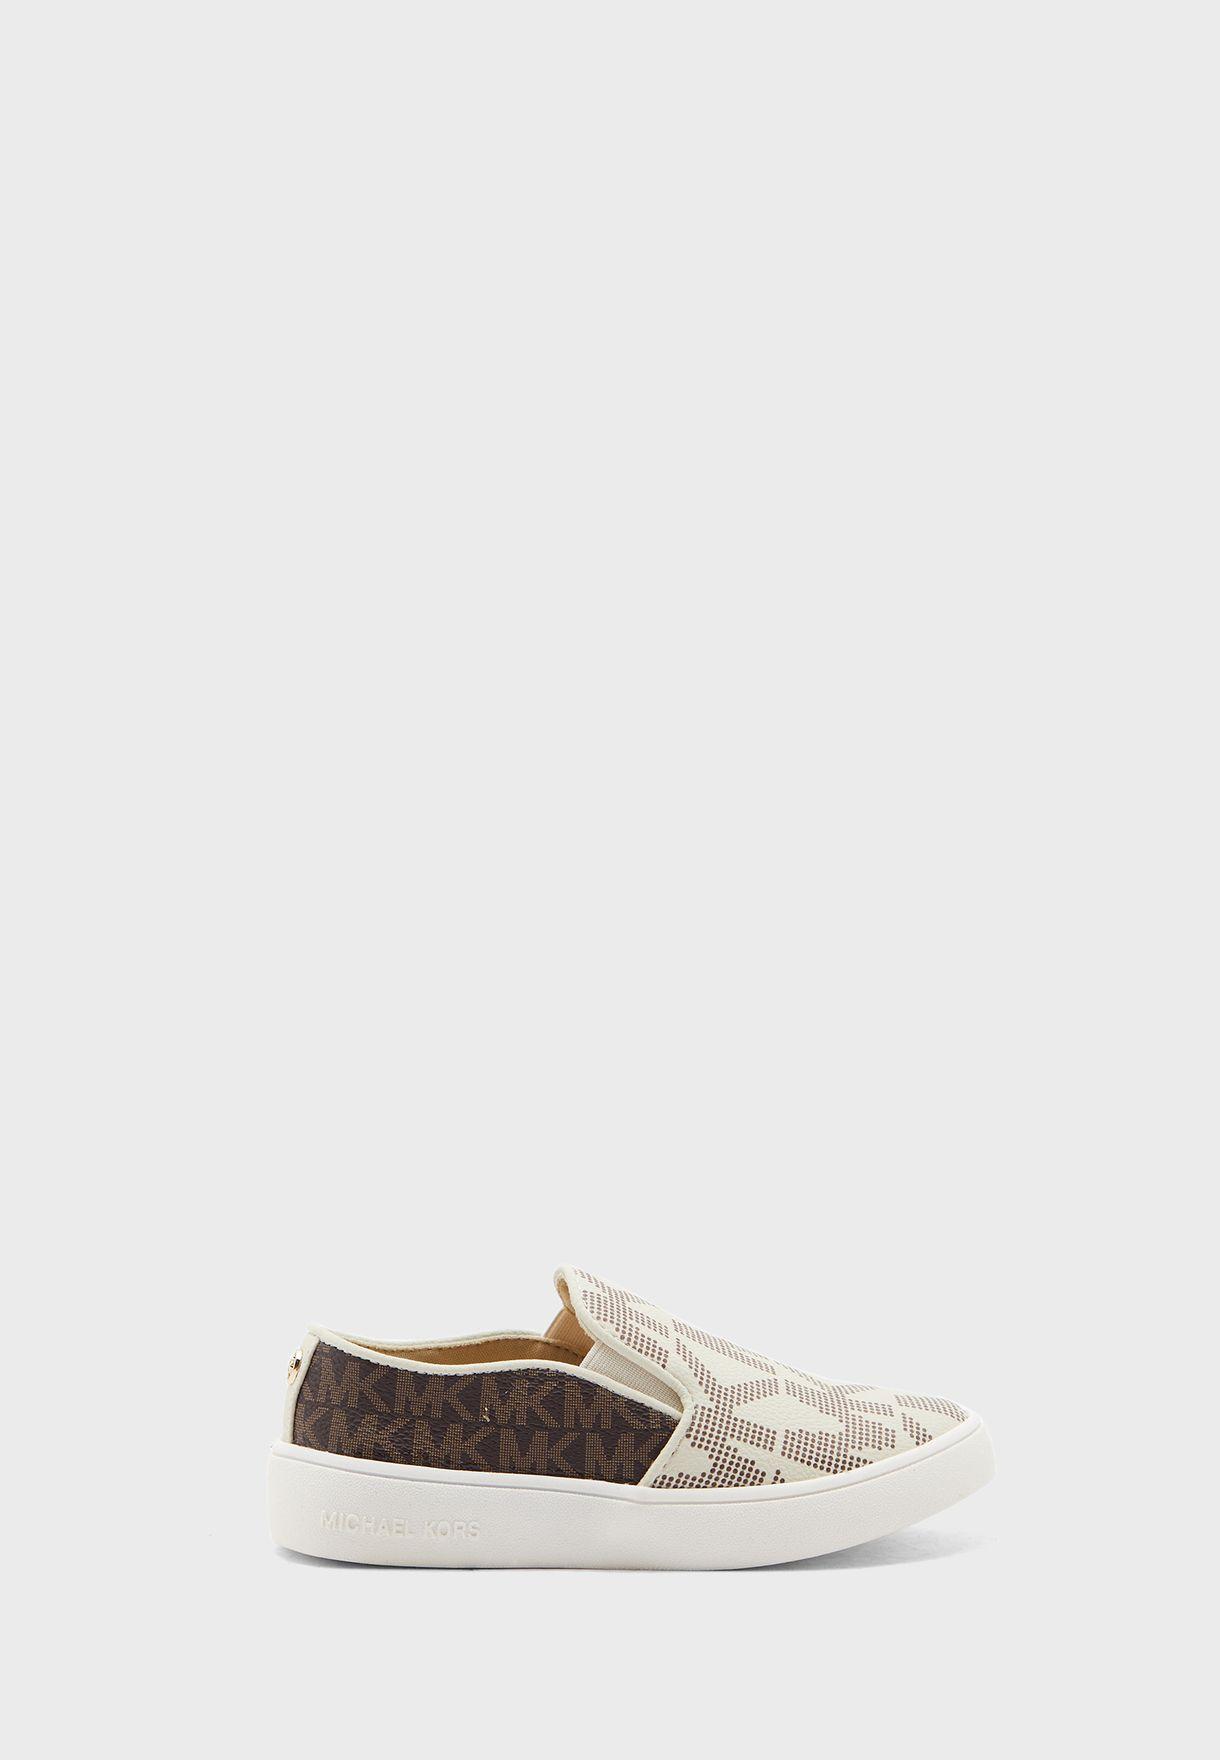 Jem Castro Low Top Sneakers